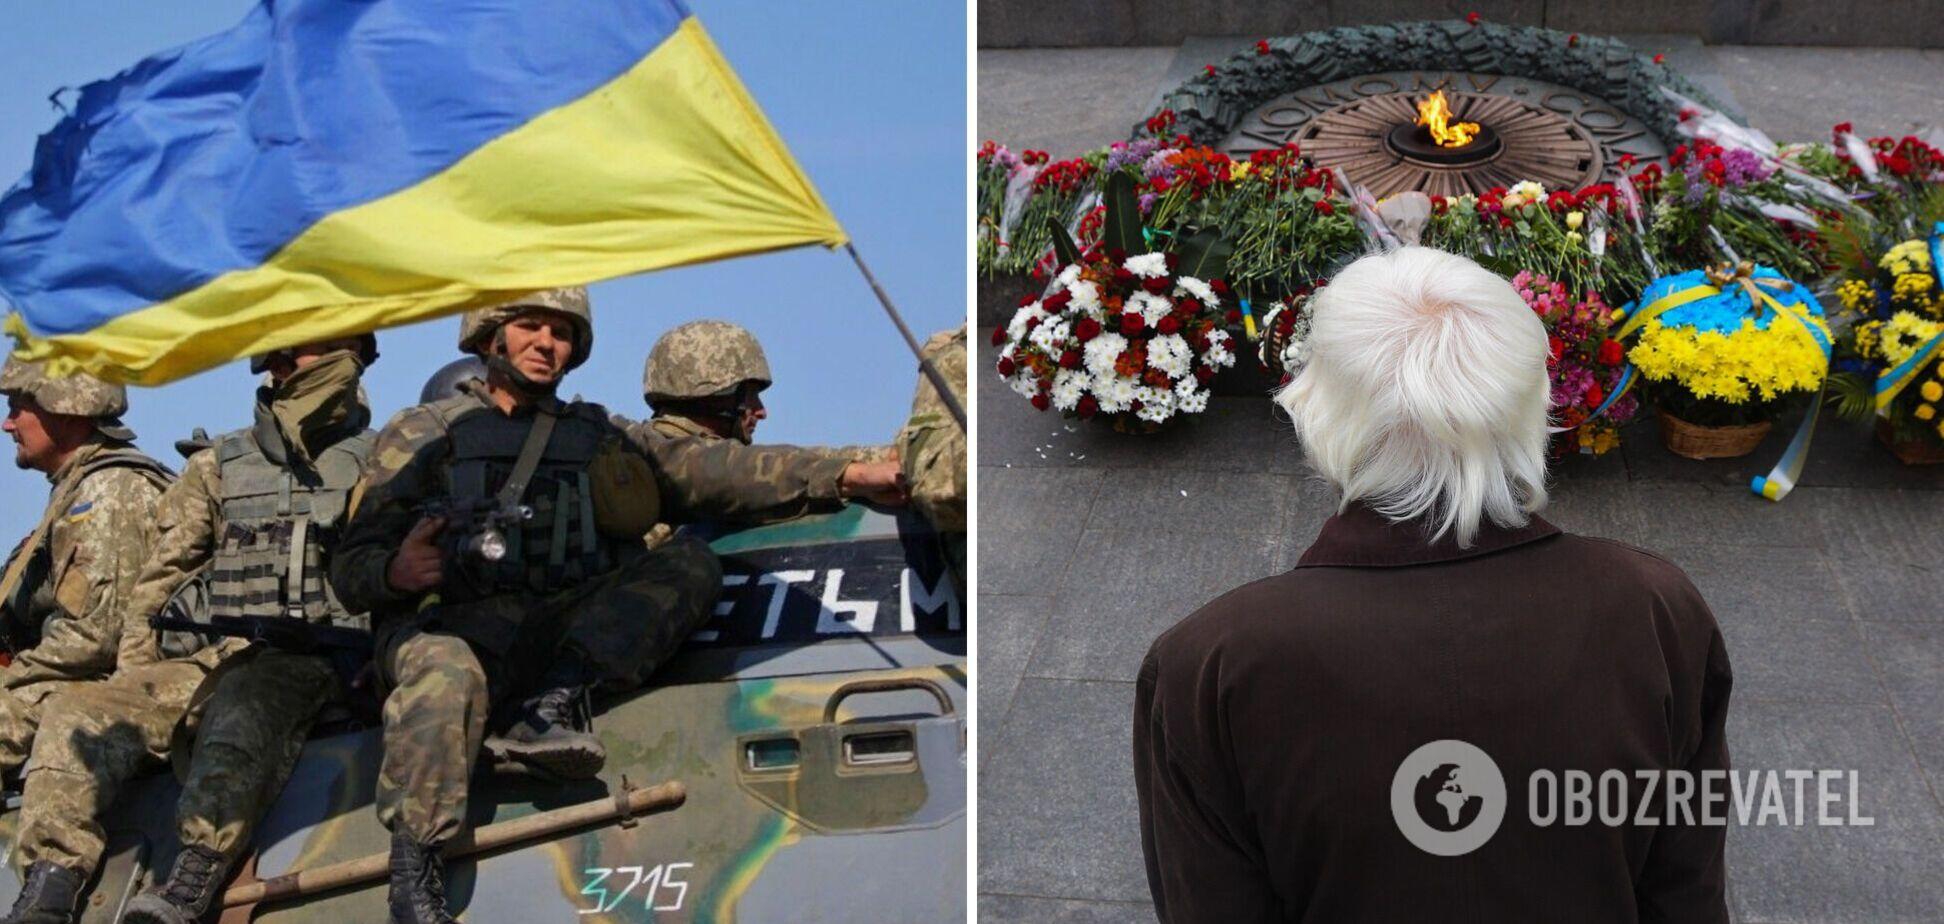 Люди несли цветы и почтили память героев: в Украине отпраздновали День защитников и защитниц. Фото и видео